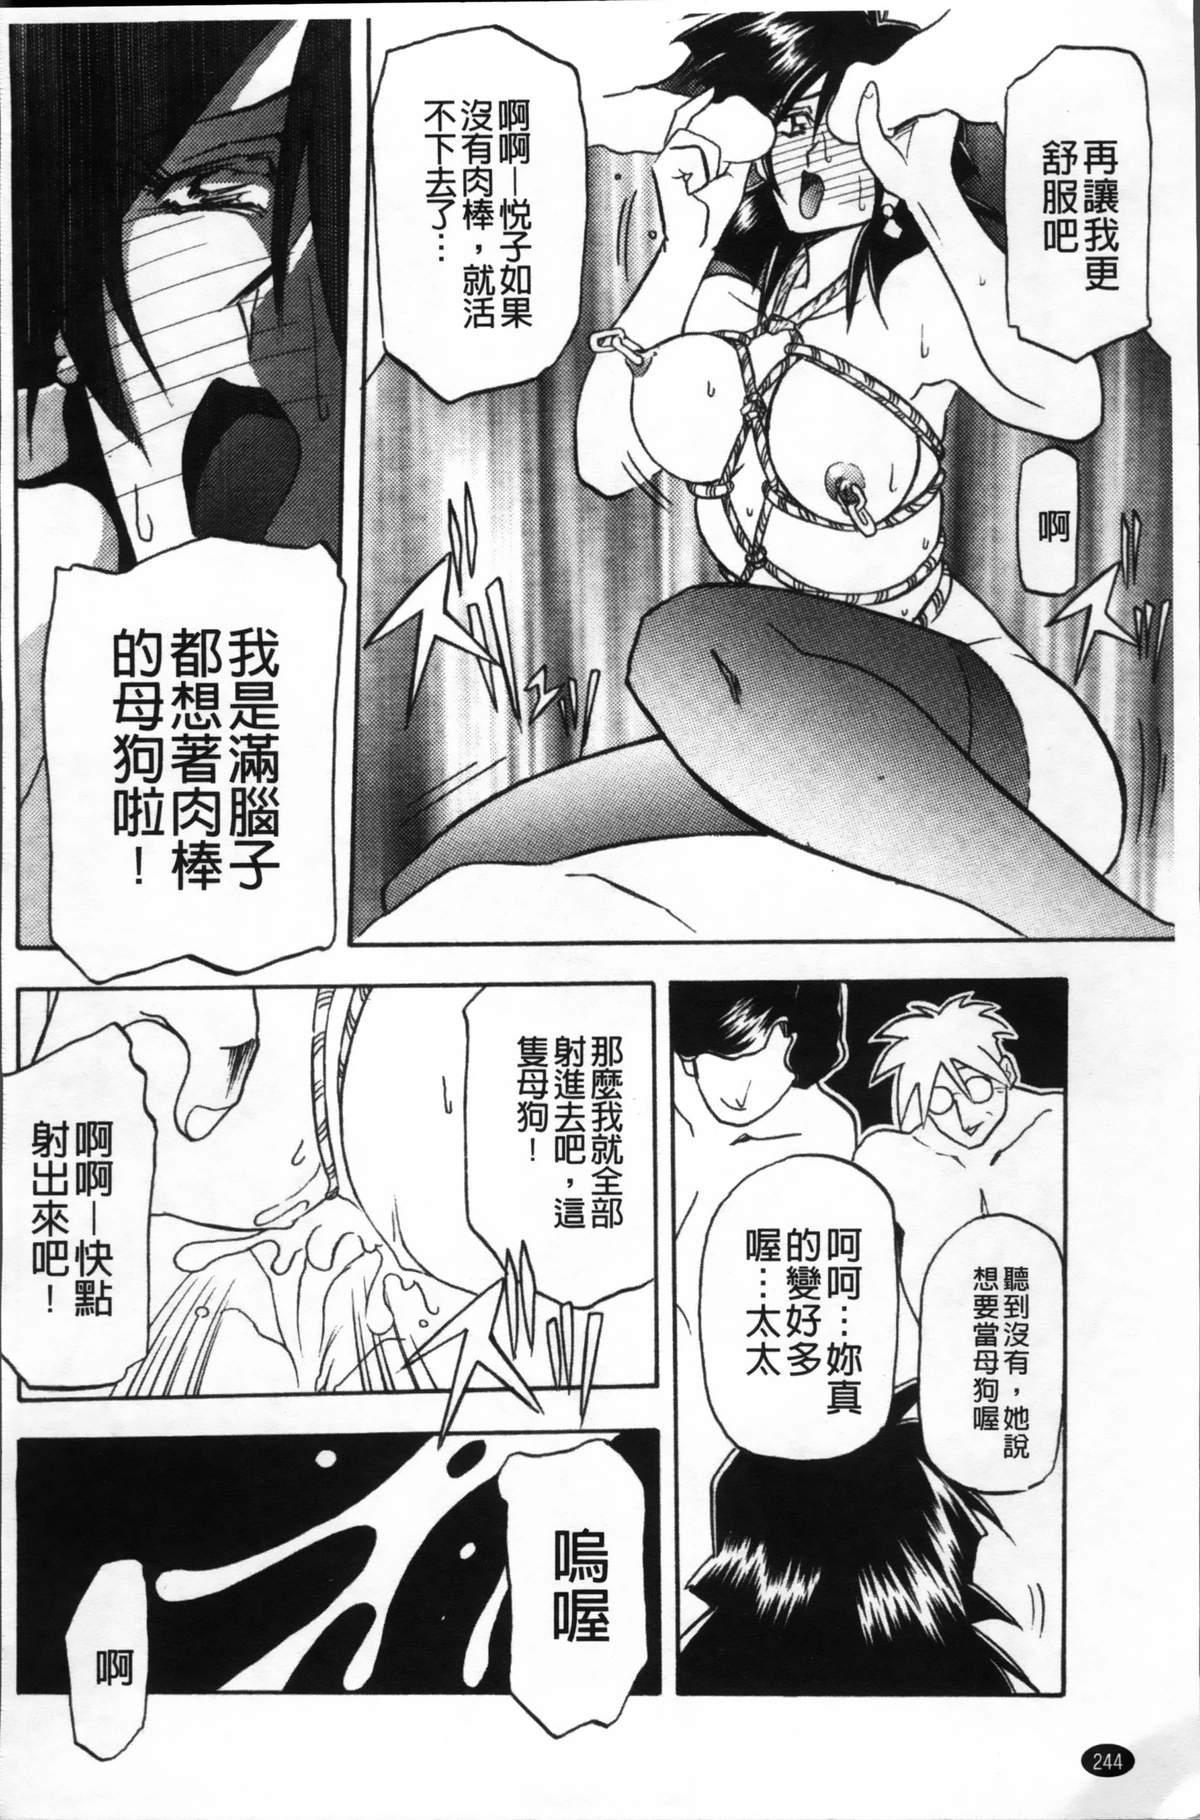 Hiiro no Koku Kanzenban   緋色之刻 完全版 247